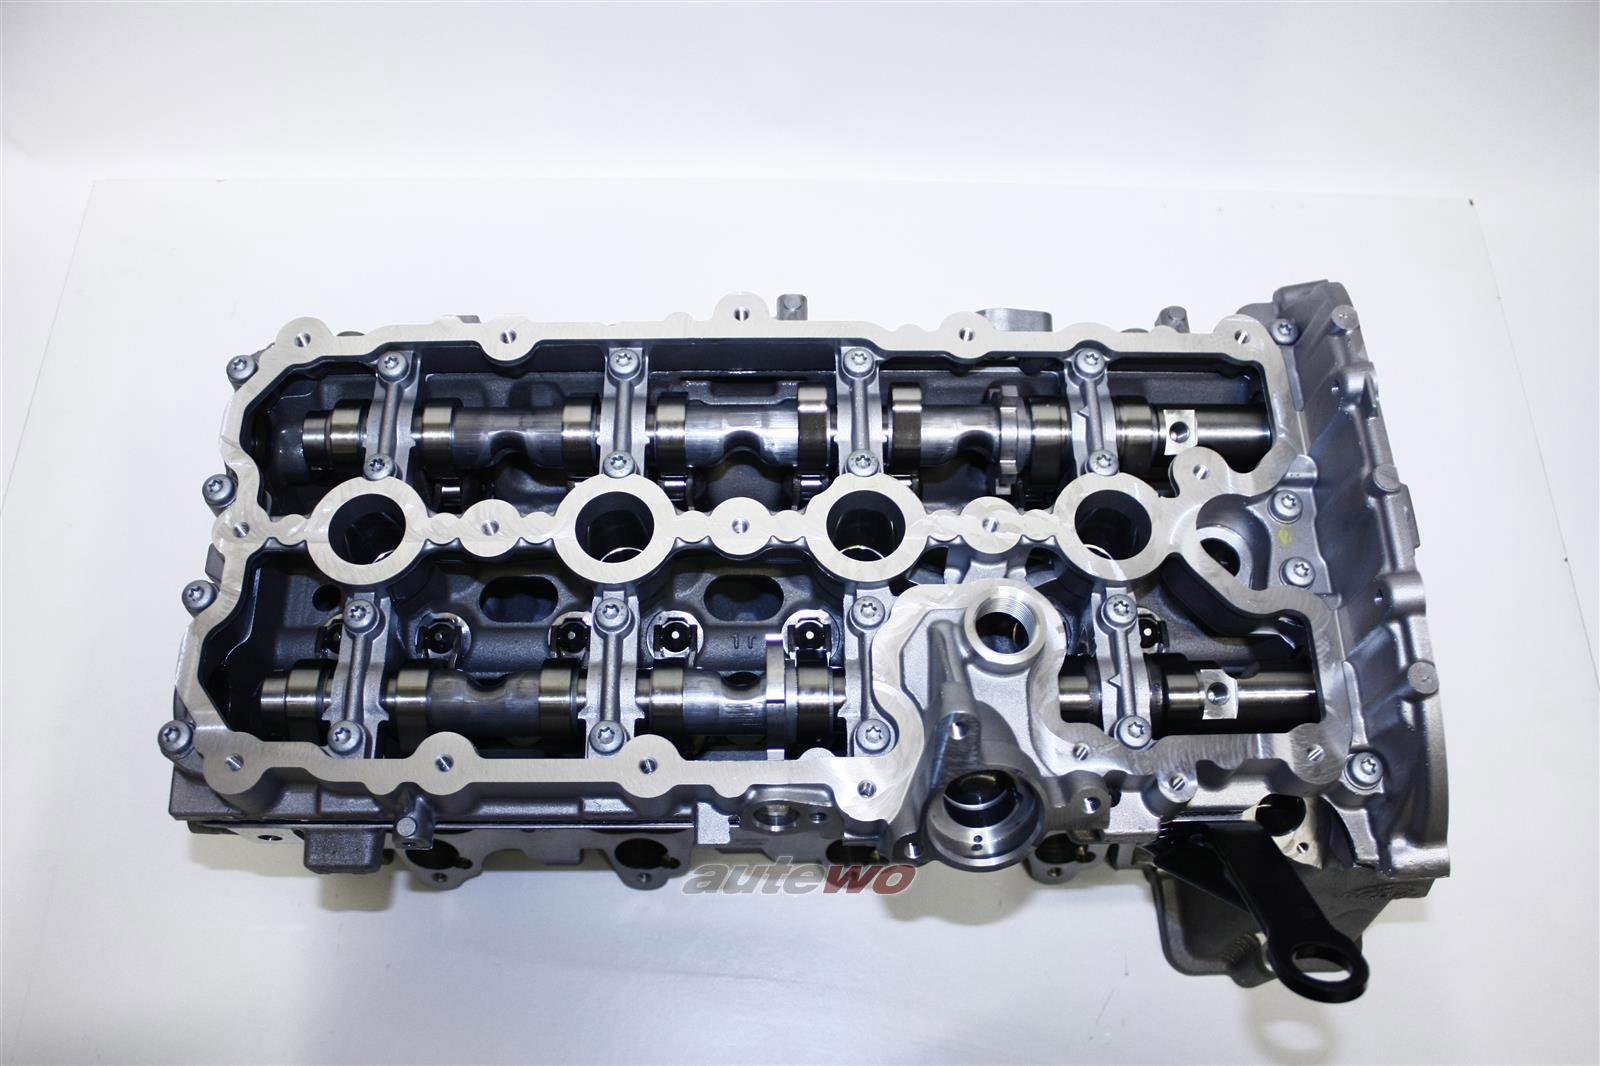 079103064CA/CE/BN NEU Audi A6/S6/Allroad 4F/A8 D3 4.2l Zylinderkopf Rechts